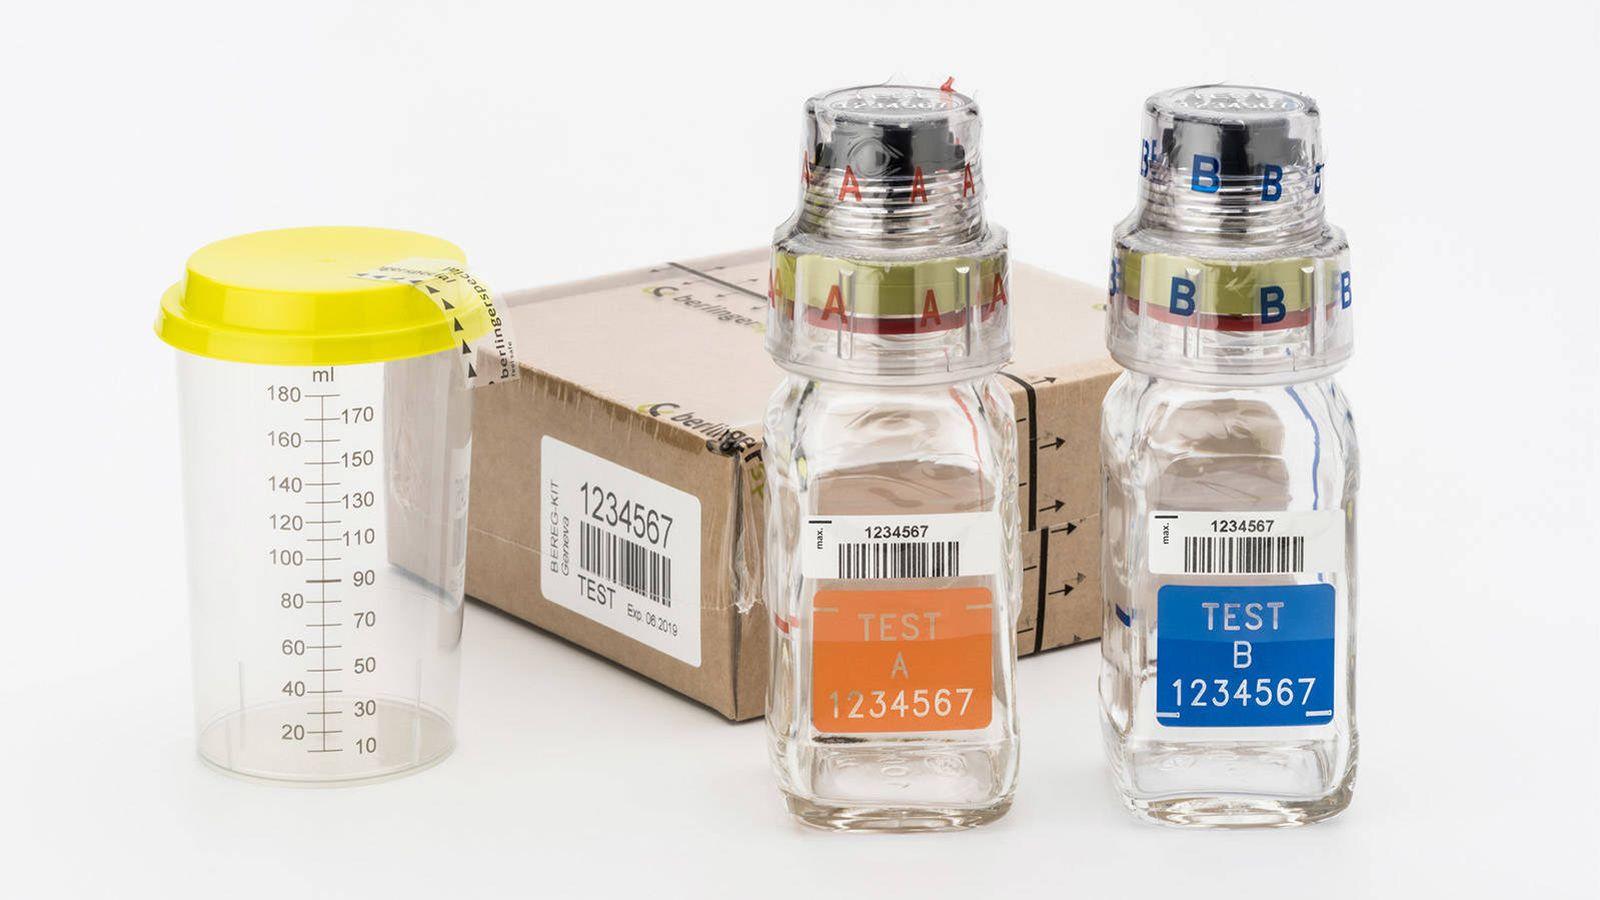 Foto: El kit para recoger muestras de orina de la marca Berlinger. (Foto: Berlinger)